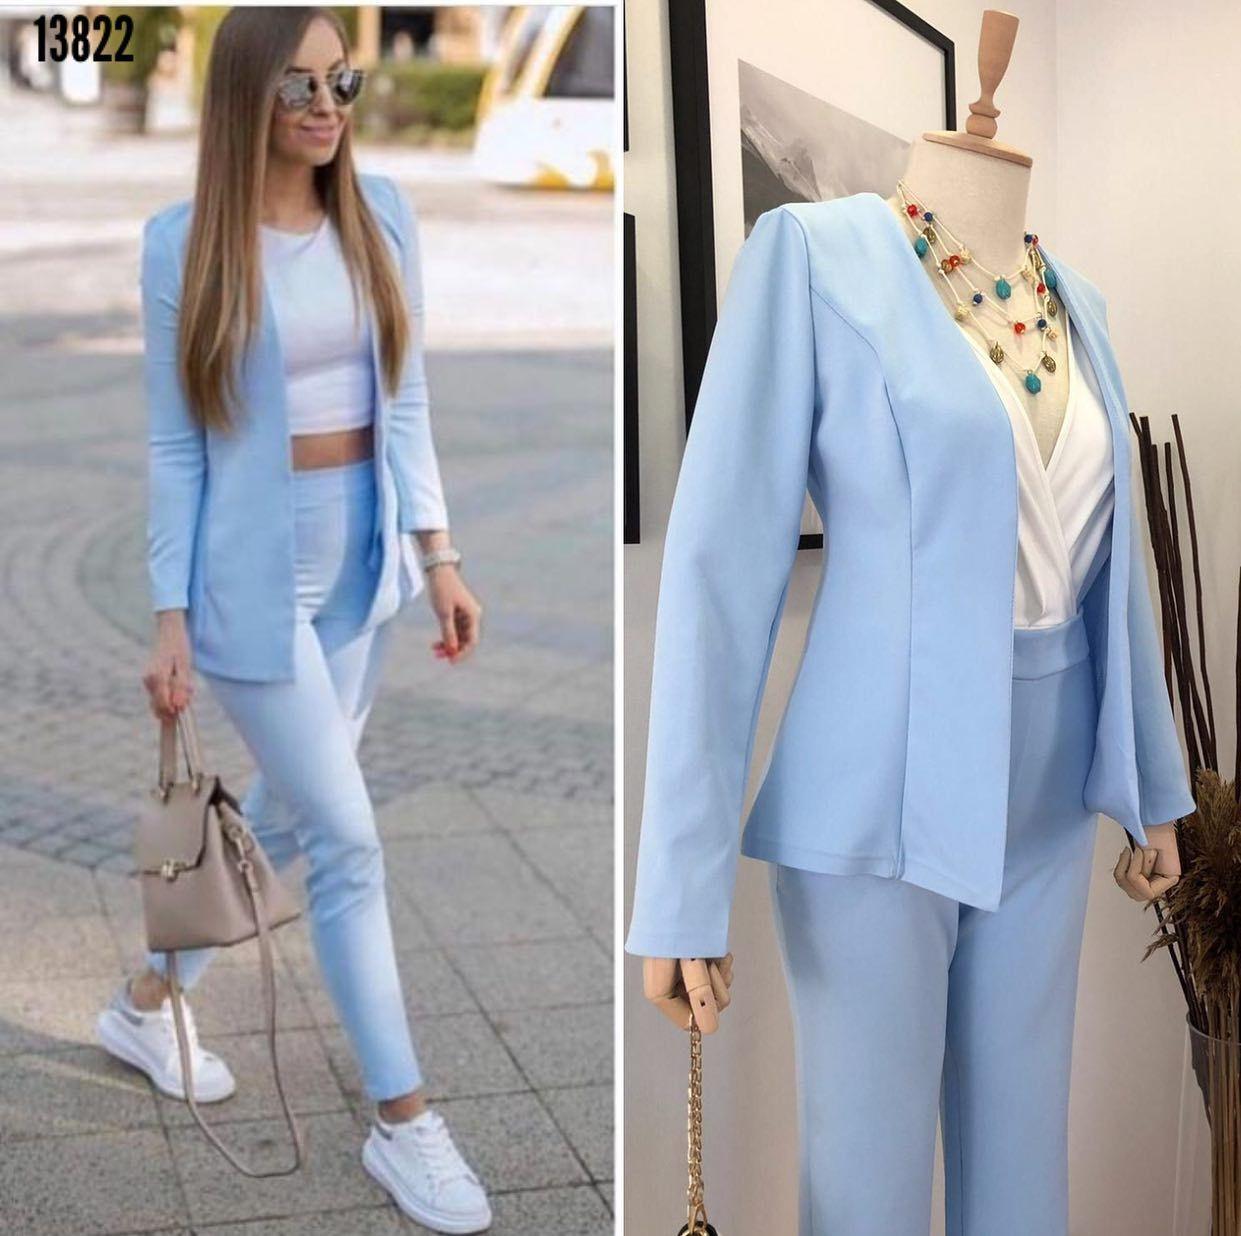 Aski Dolabi Adli Kullanicinin Moda Kadin Panosundaki Pin 2020 Mavi Takim Elbise Zara Moda Kadin